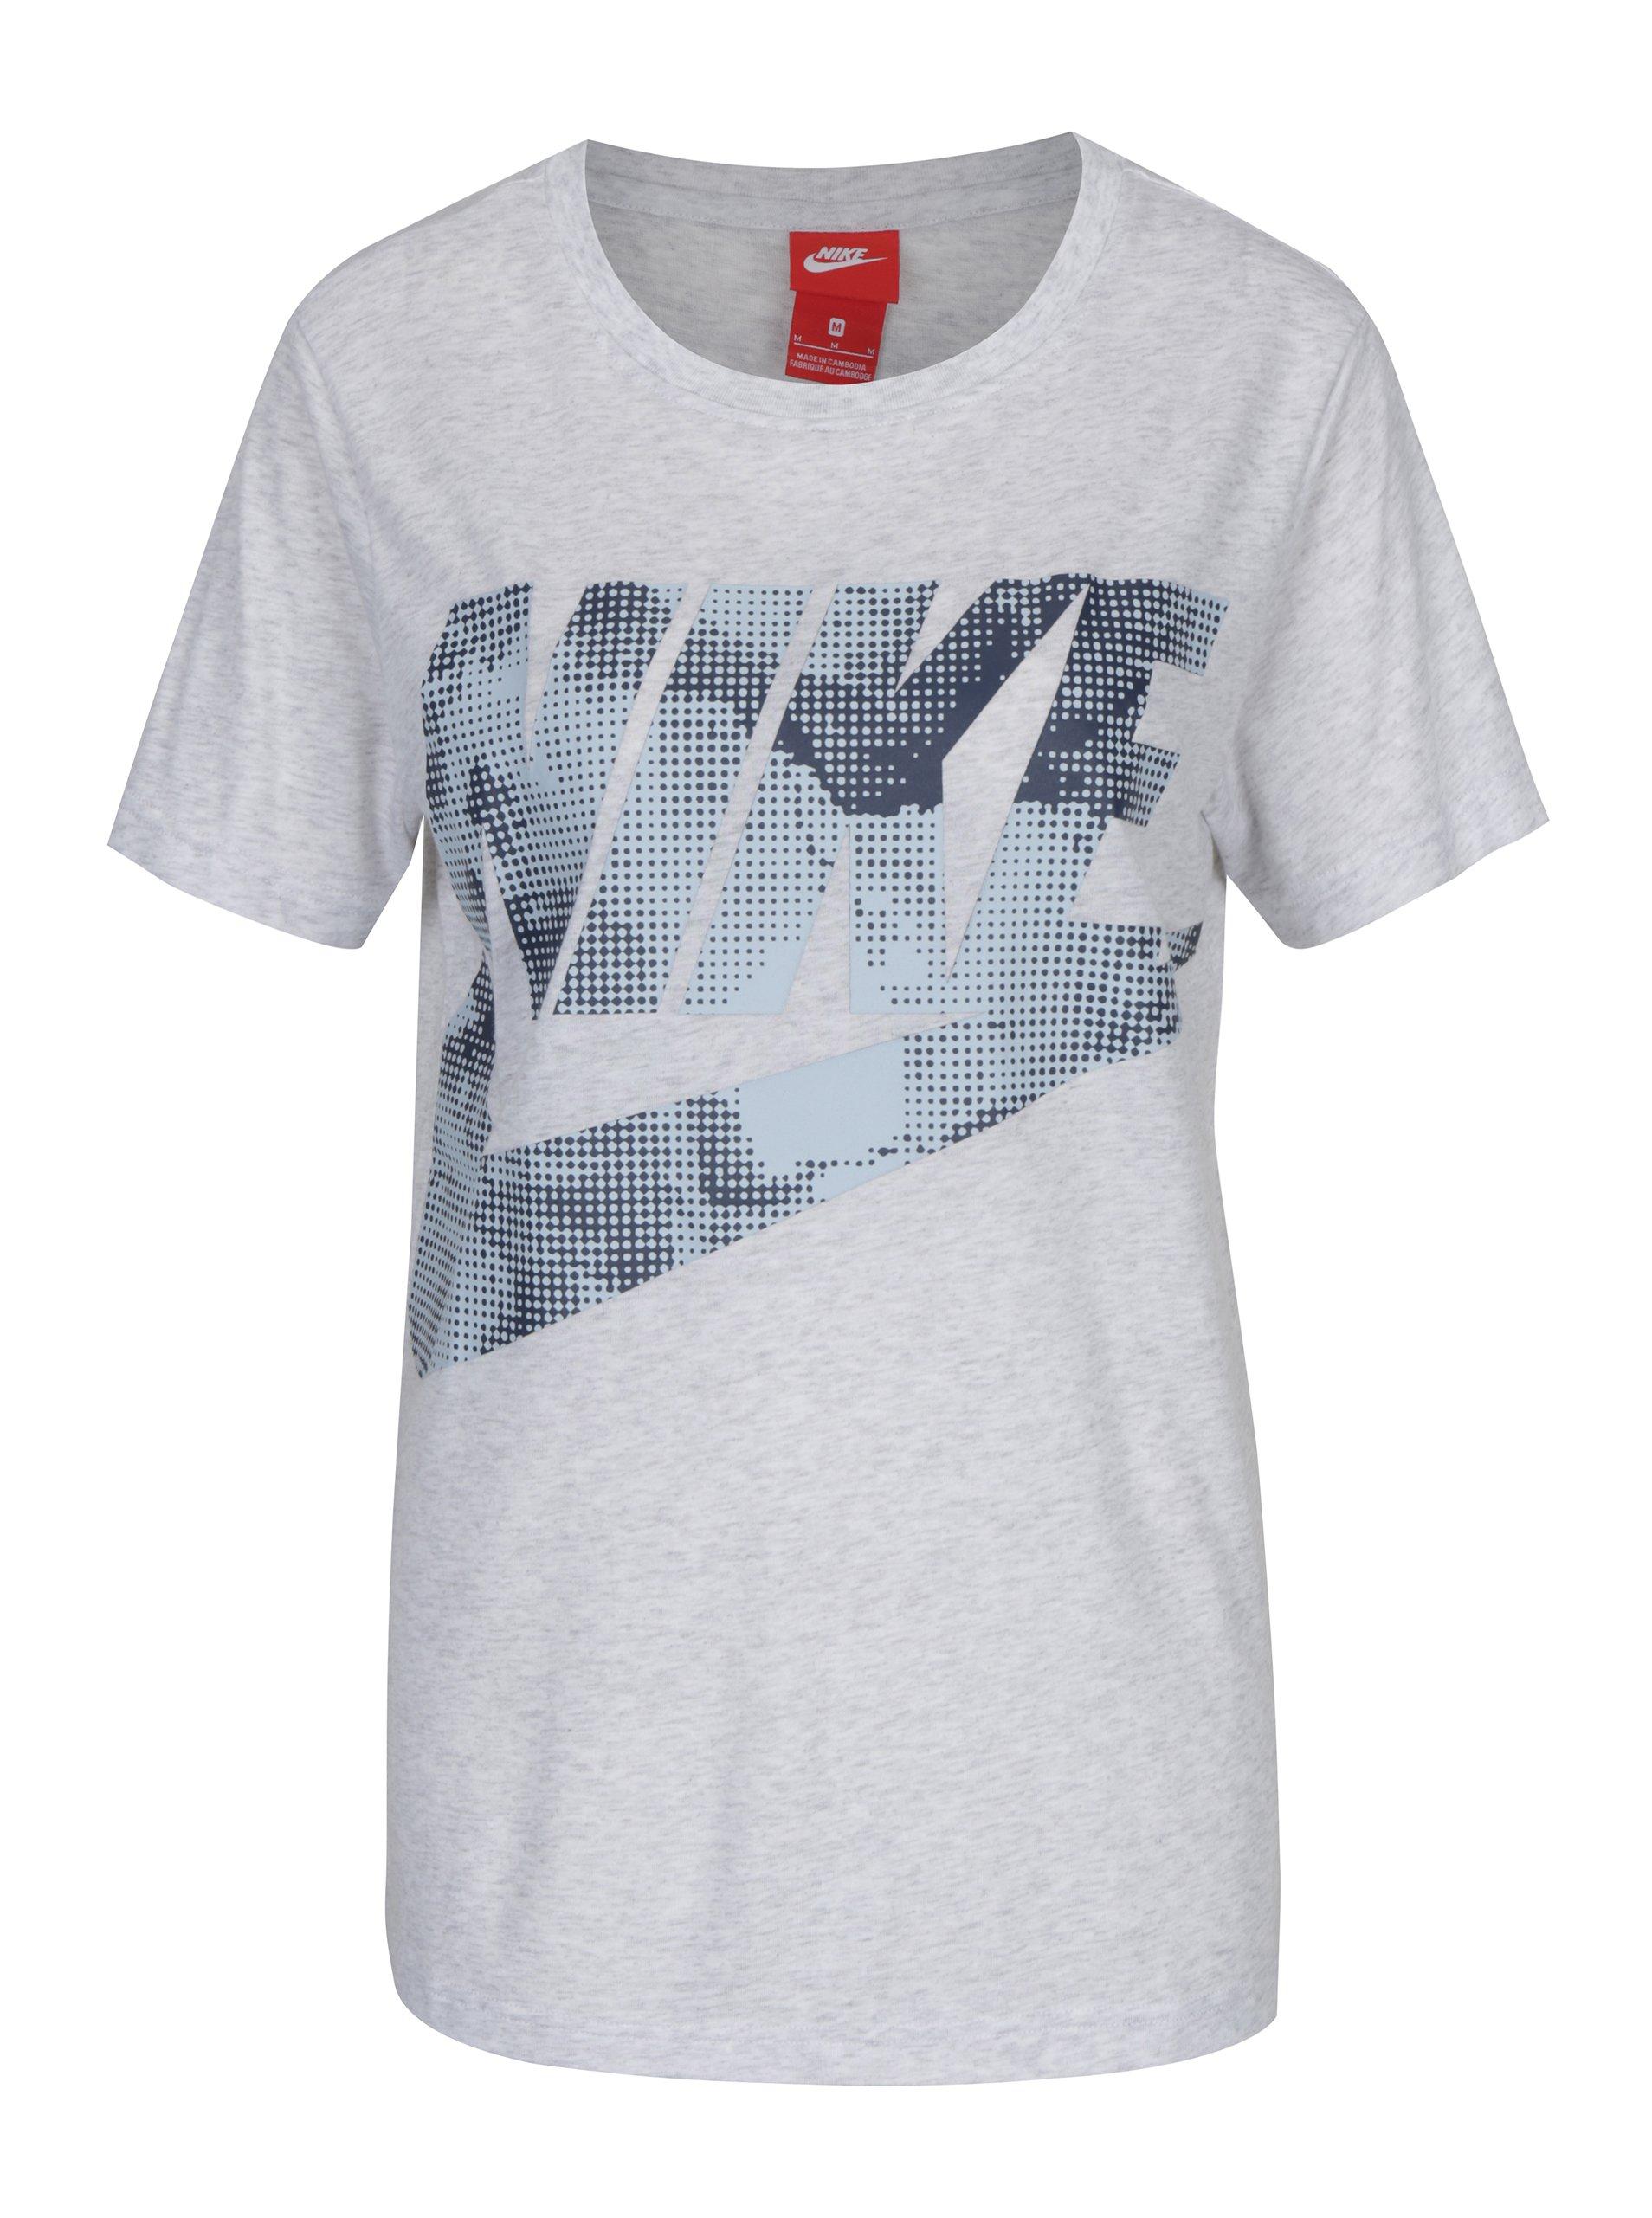 Šedé dámské tričko s potiskem Nike Sportswear Glacier